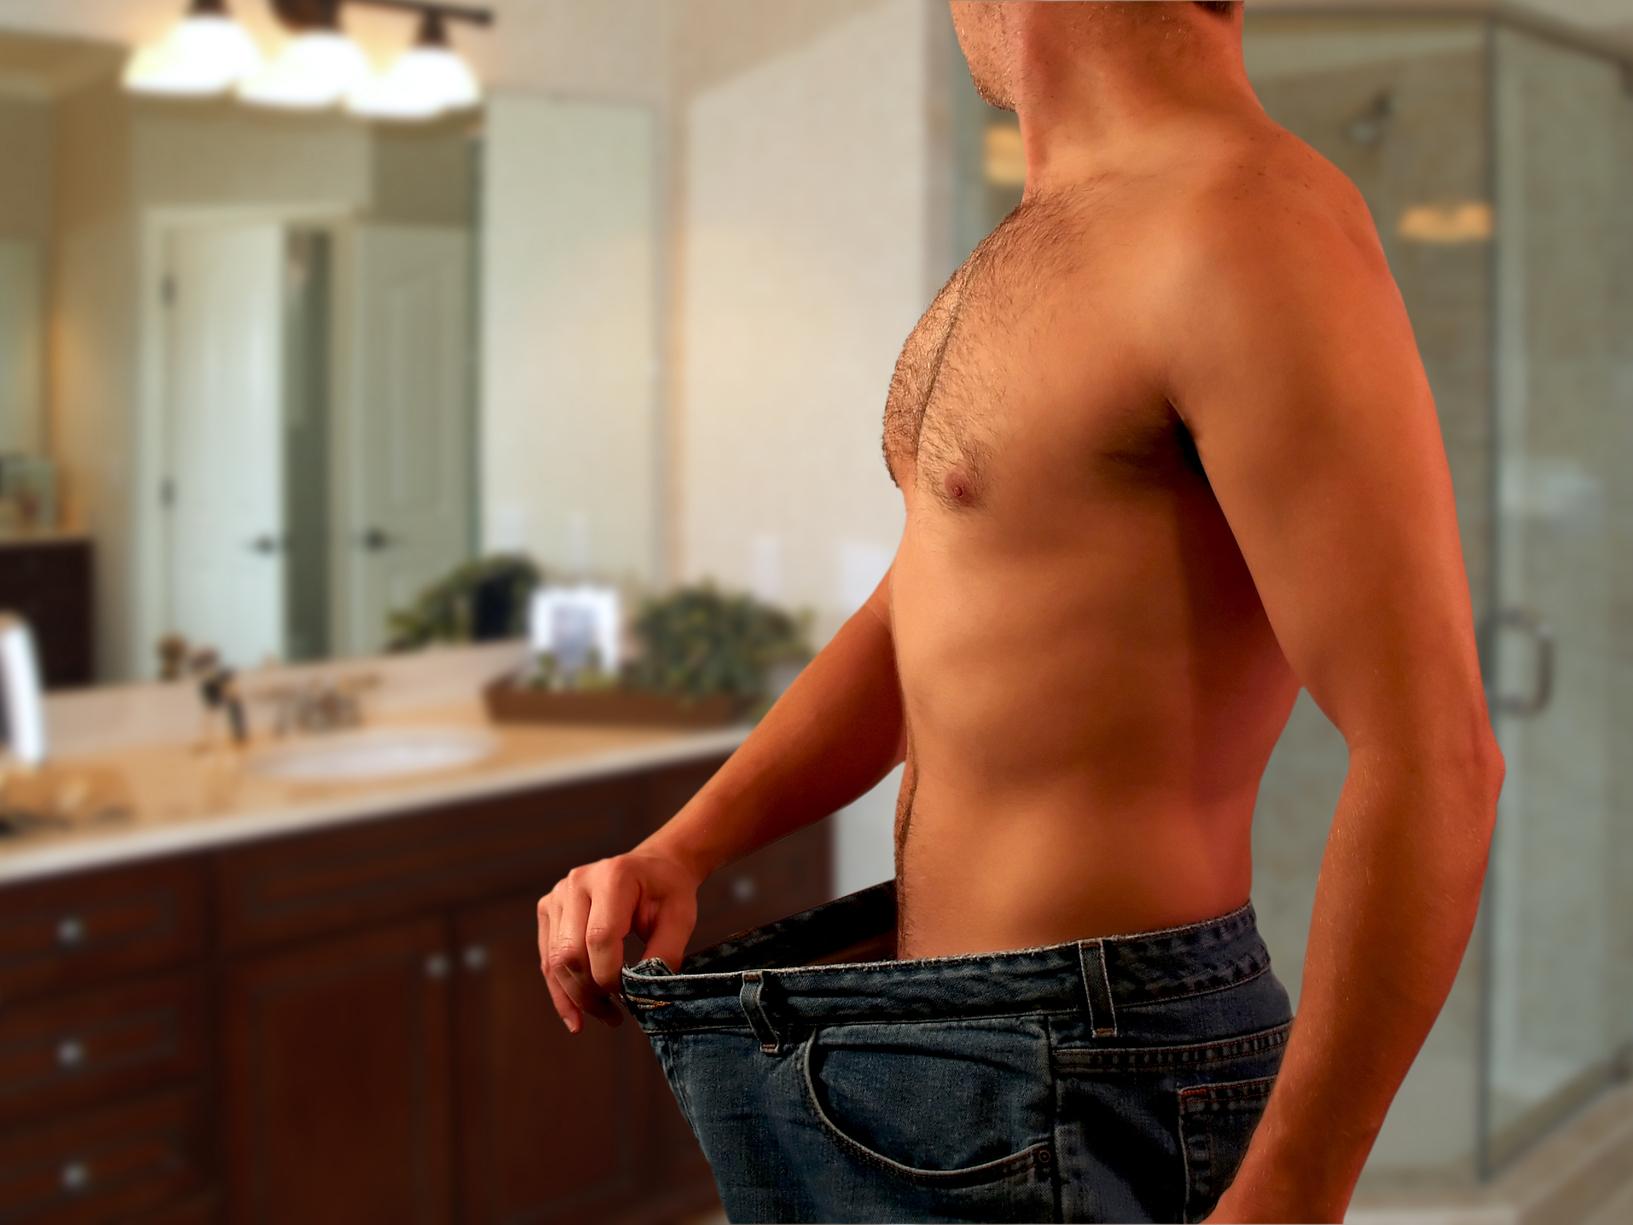 Липедема - это нарушение распределения жировой ткани на бедрах, голенях и тазовом поясе.